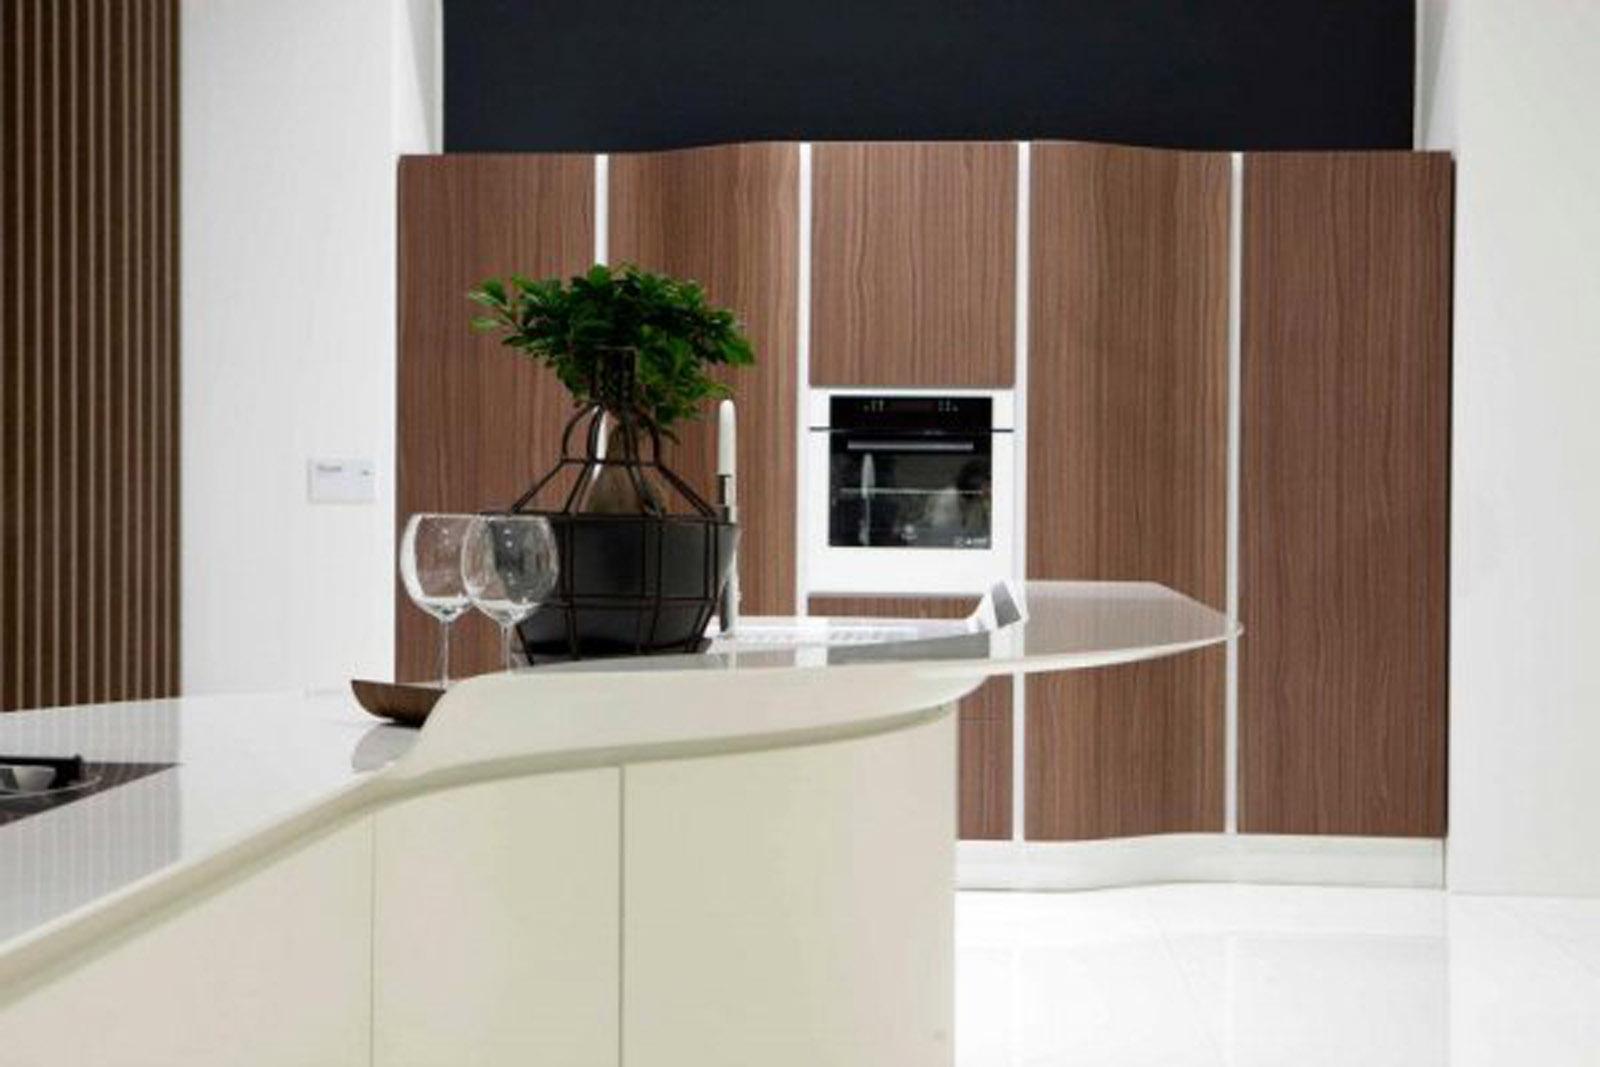 Come Arredare La Cucina Moderna: Novità 2015 Catania Messina Enna  #694939 1600 1067 Arredare Mensole Cucina Moderna